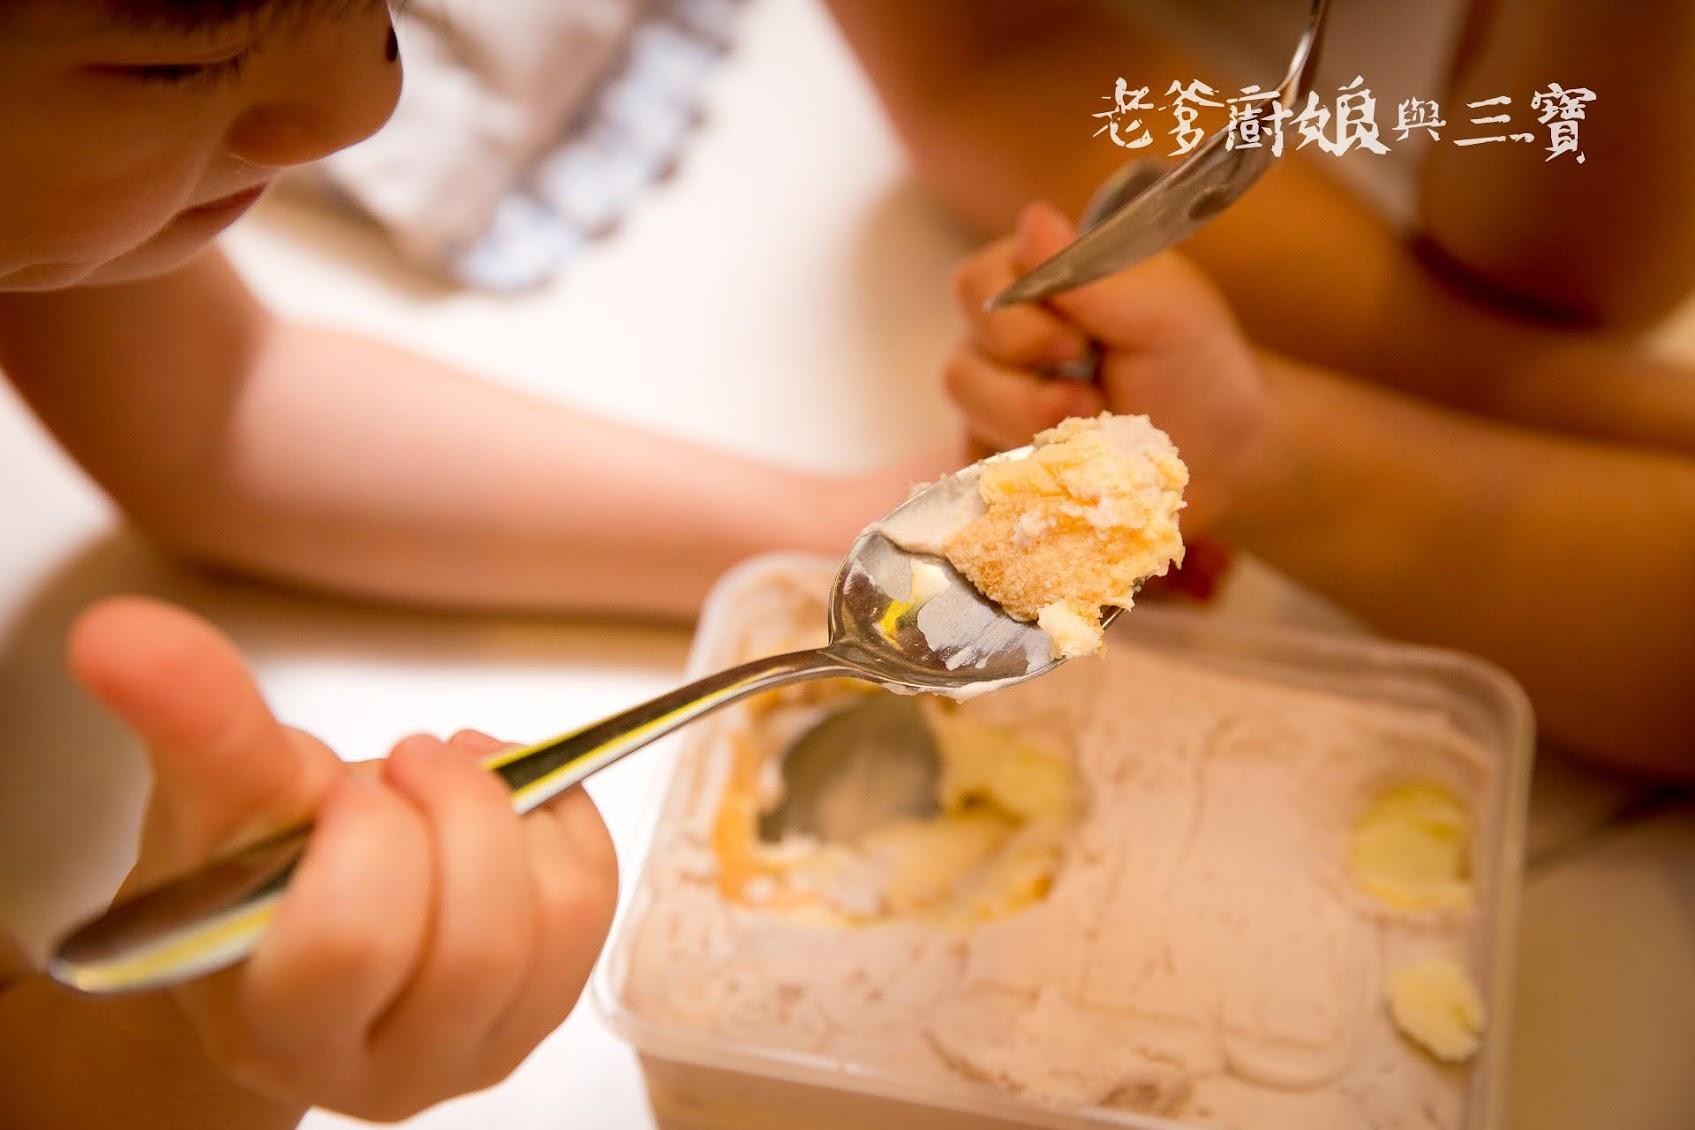 噓!睡前我們悄悄品嚐真材實料又充滿手做溫度的甜點吧!...辦公室團購下午茶、團購美食中芋頭控必吃的阿聰師芋泥奶酪